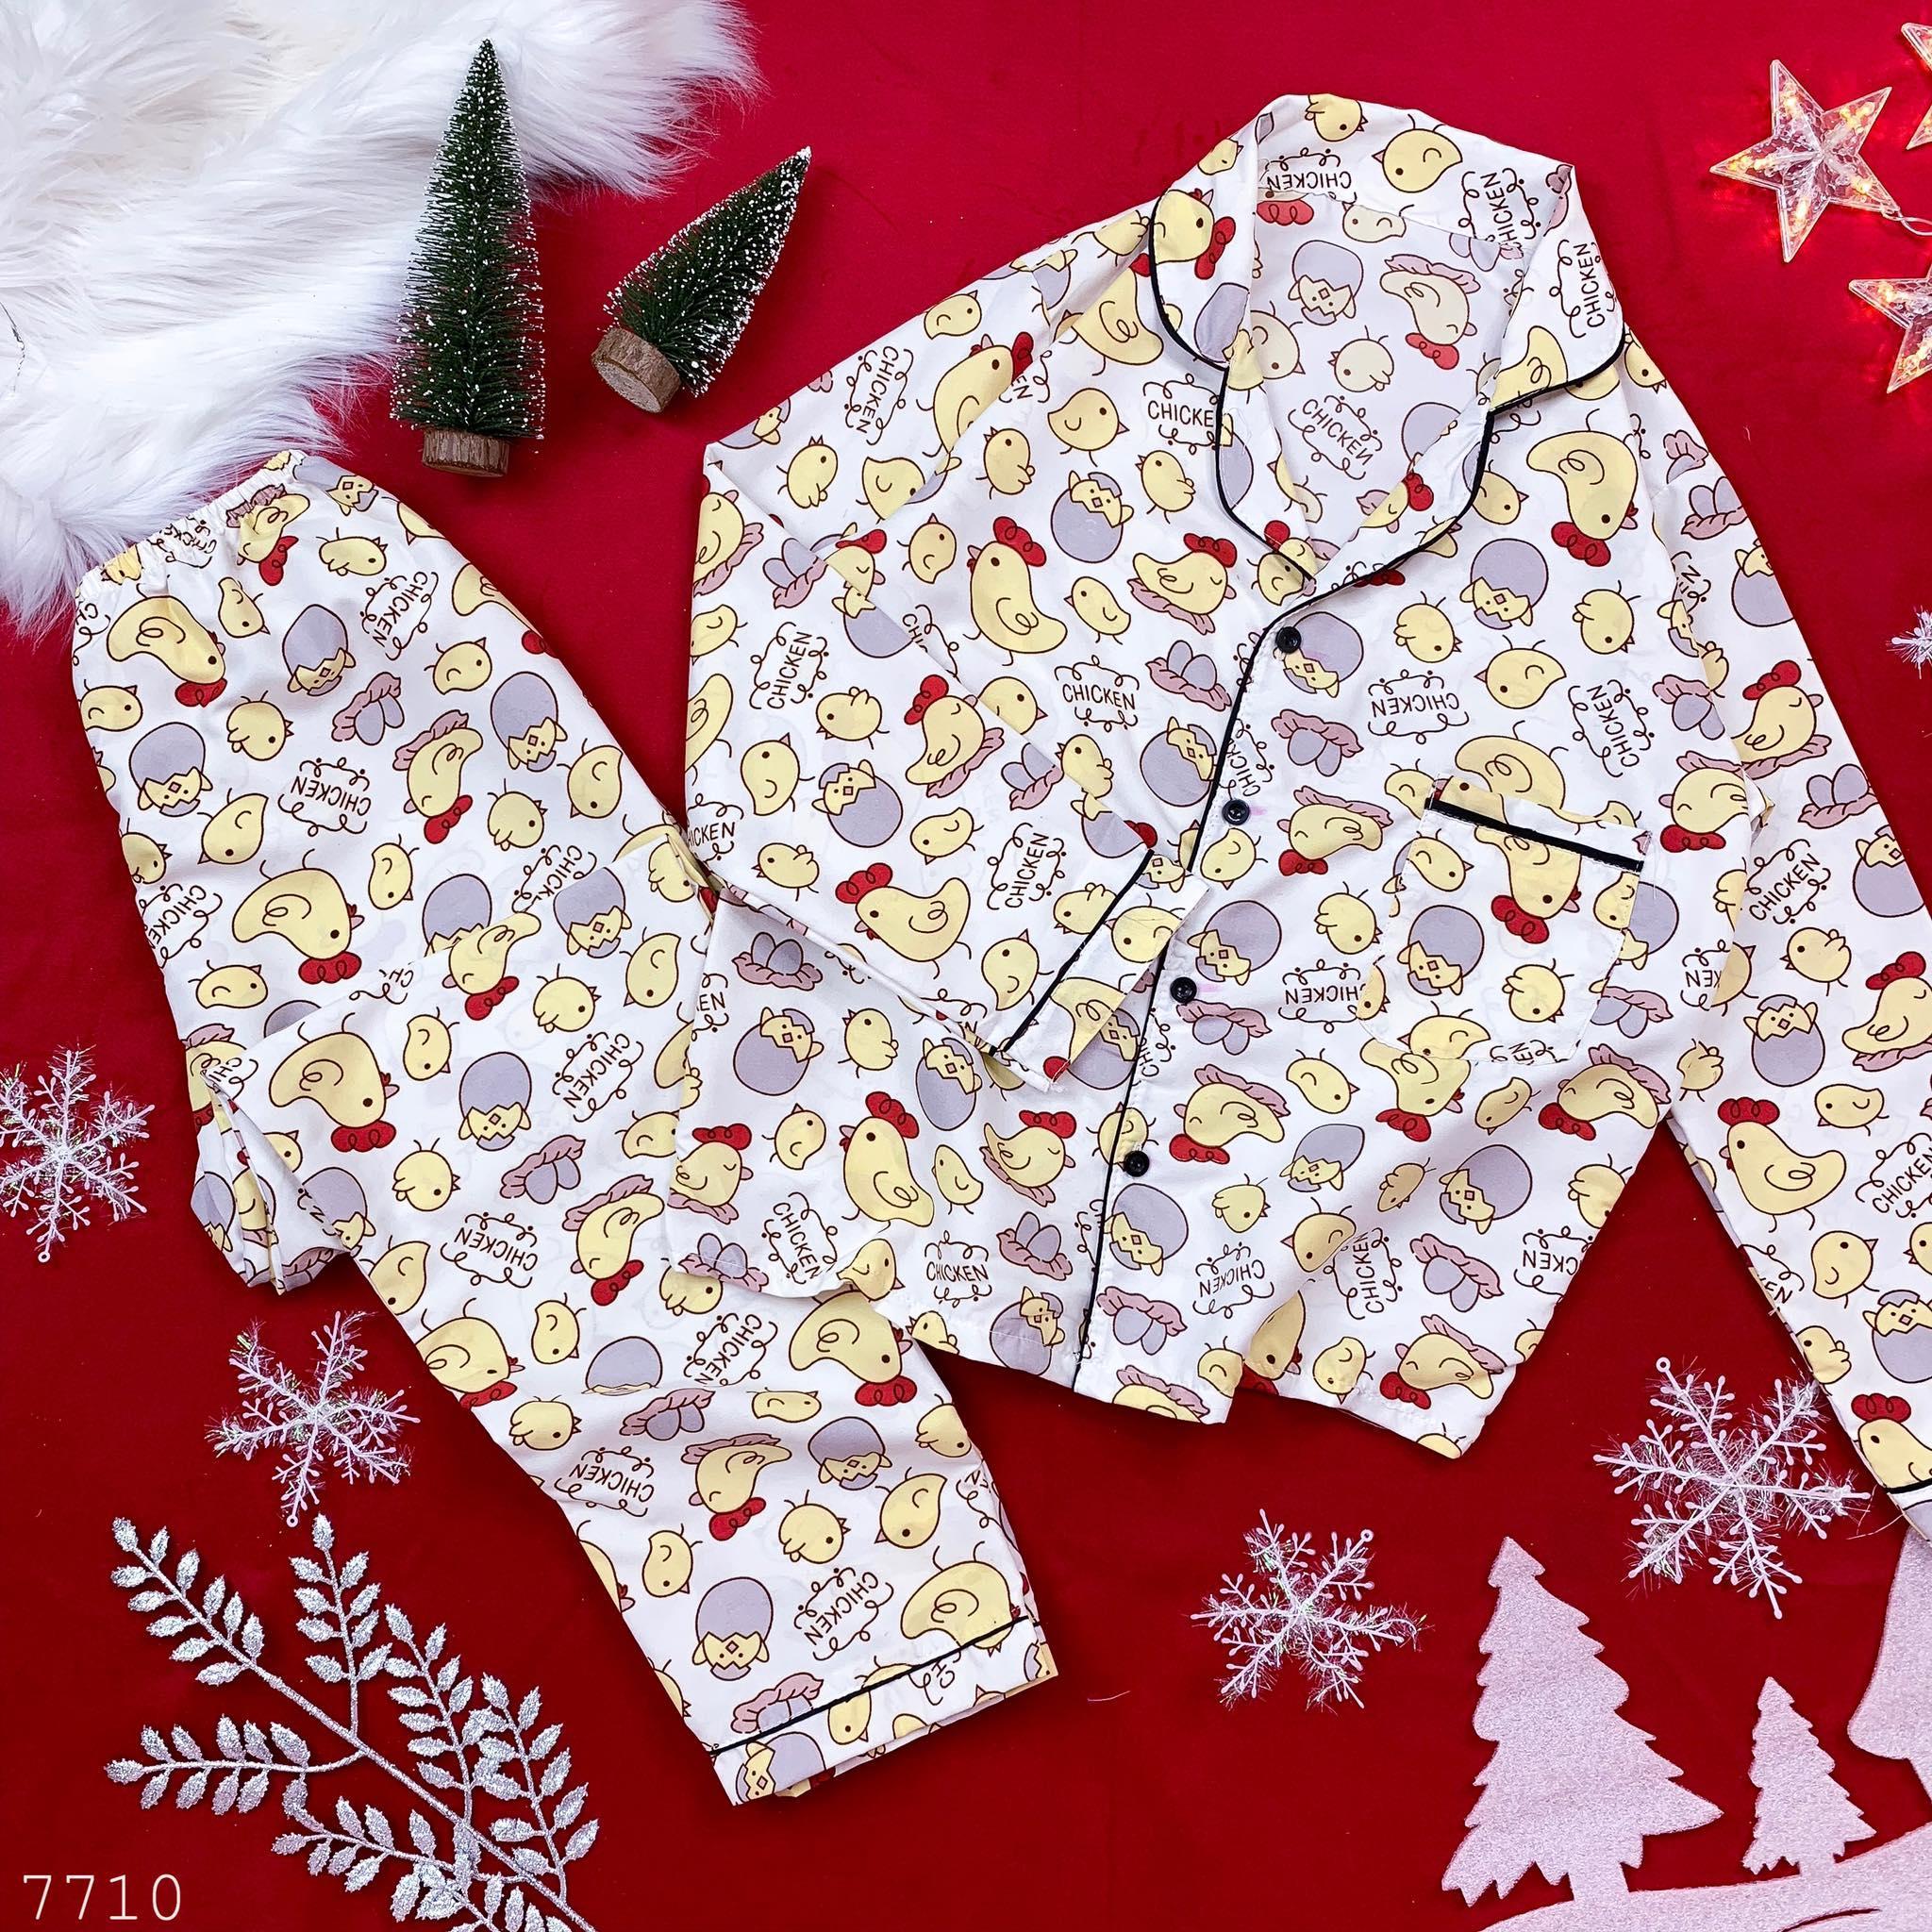 (Dưới 50 kg) Đồ Ngủ Nữ Bộ Pijama Dài Tay Kate Thái Loại 1 -Có Túi Quần-Ảnh Thật